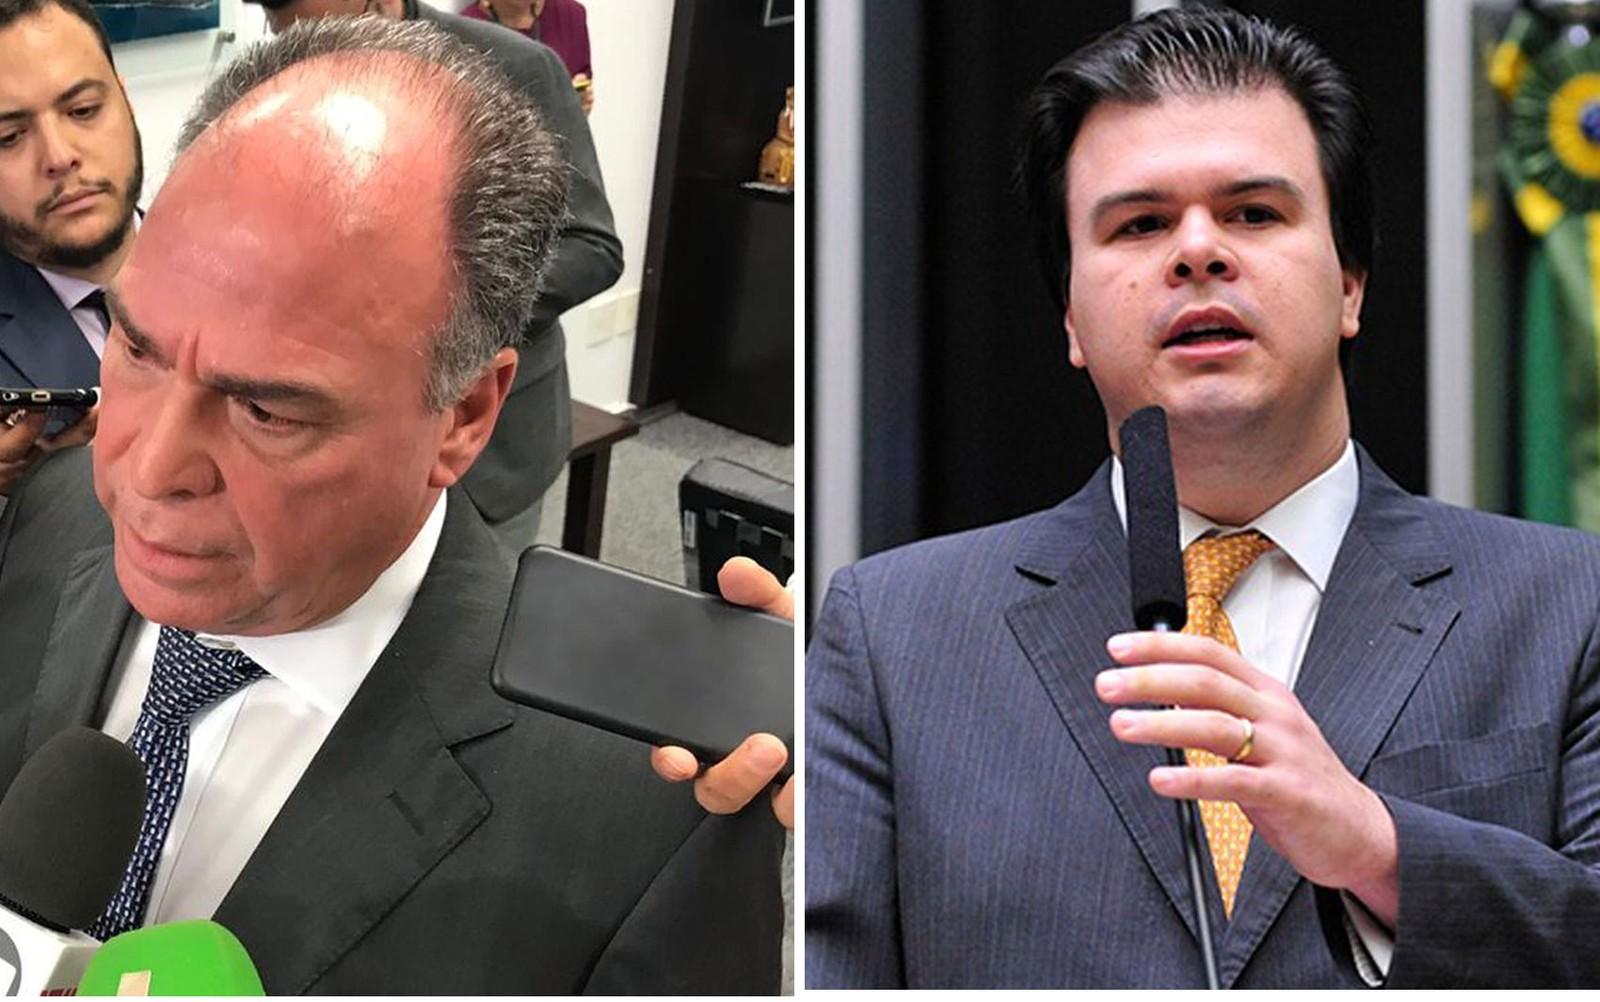 Senador Fernando Bezerra Coelho (MDB-PE) e o filho dele, deputado Fernando Coelho Filho (DEM-PE), ambos alvos de operação da PF no Congresso — Foto: Gustavo Garcia/G1; Câmara dos Deputados/Divulgação